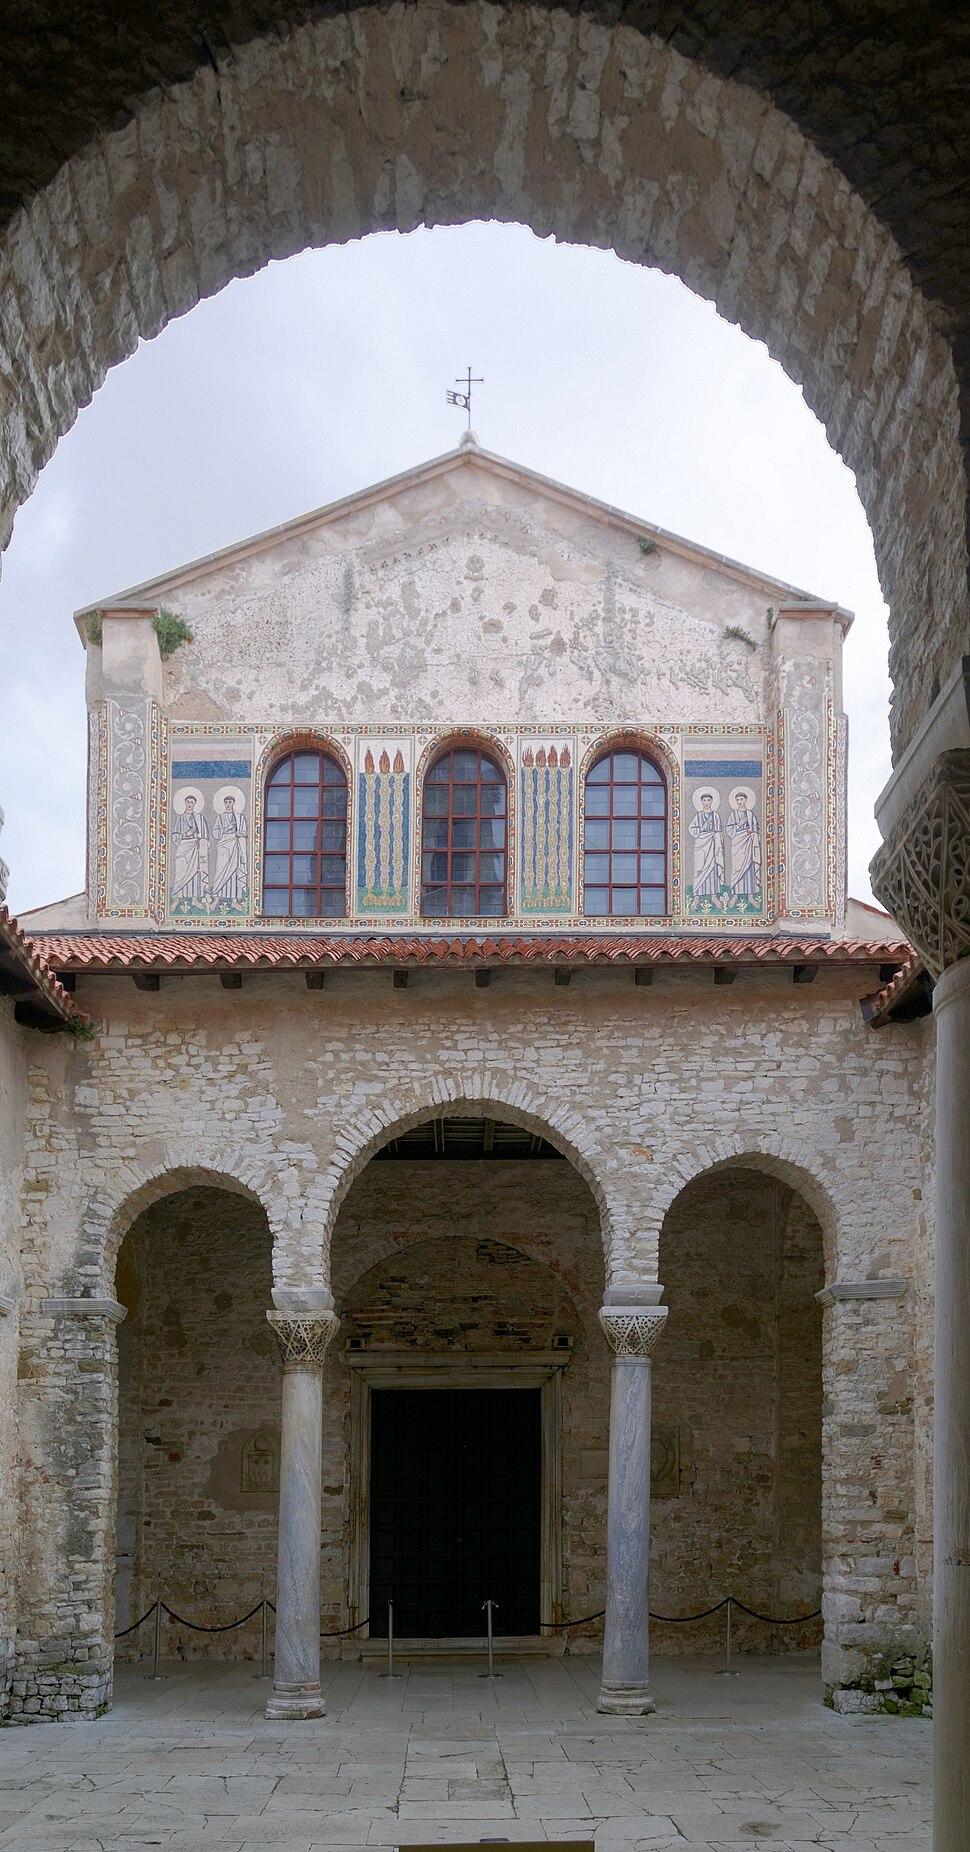 Croatia Porec Euphrasius Basilika BW 2014-10-08 11-02-20